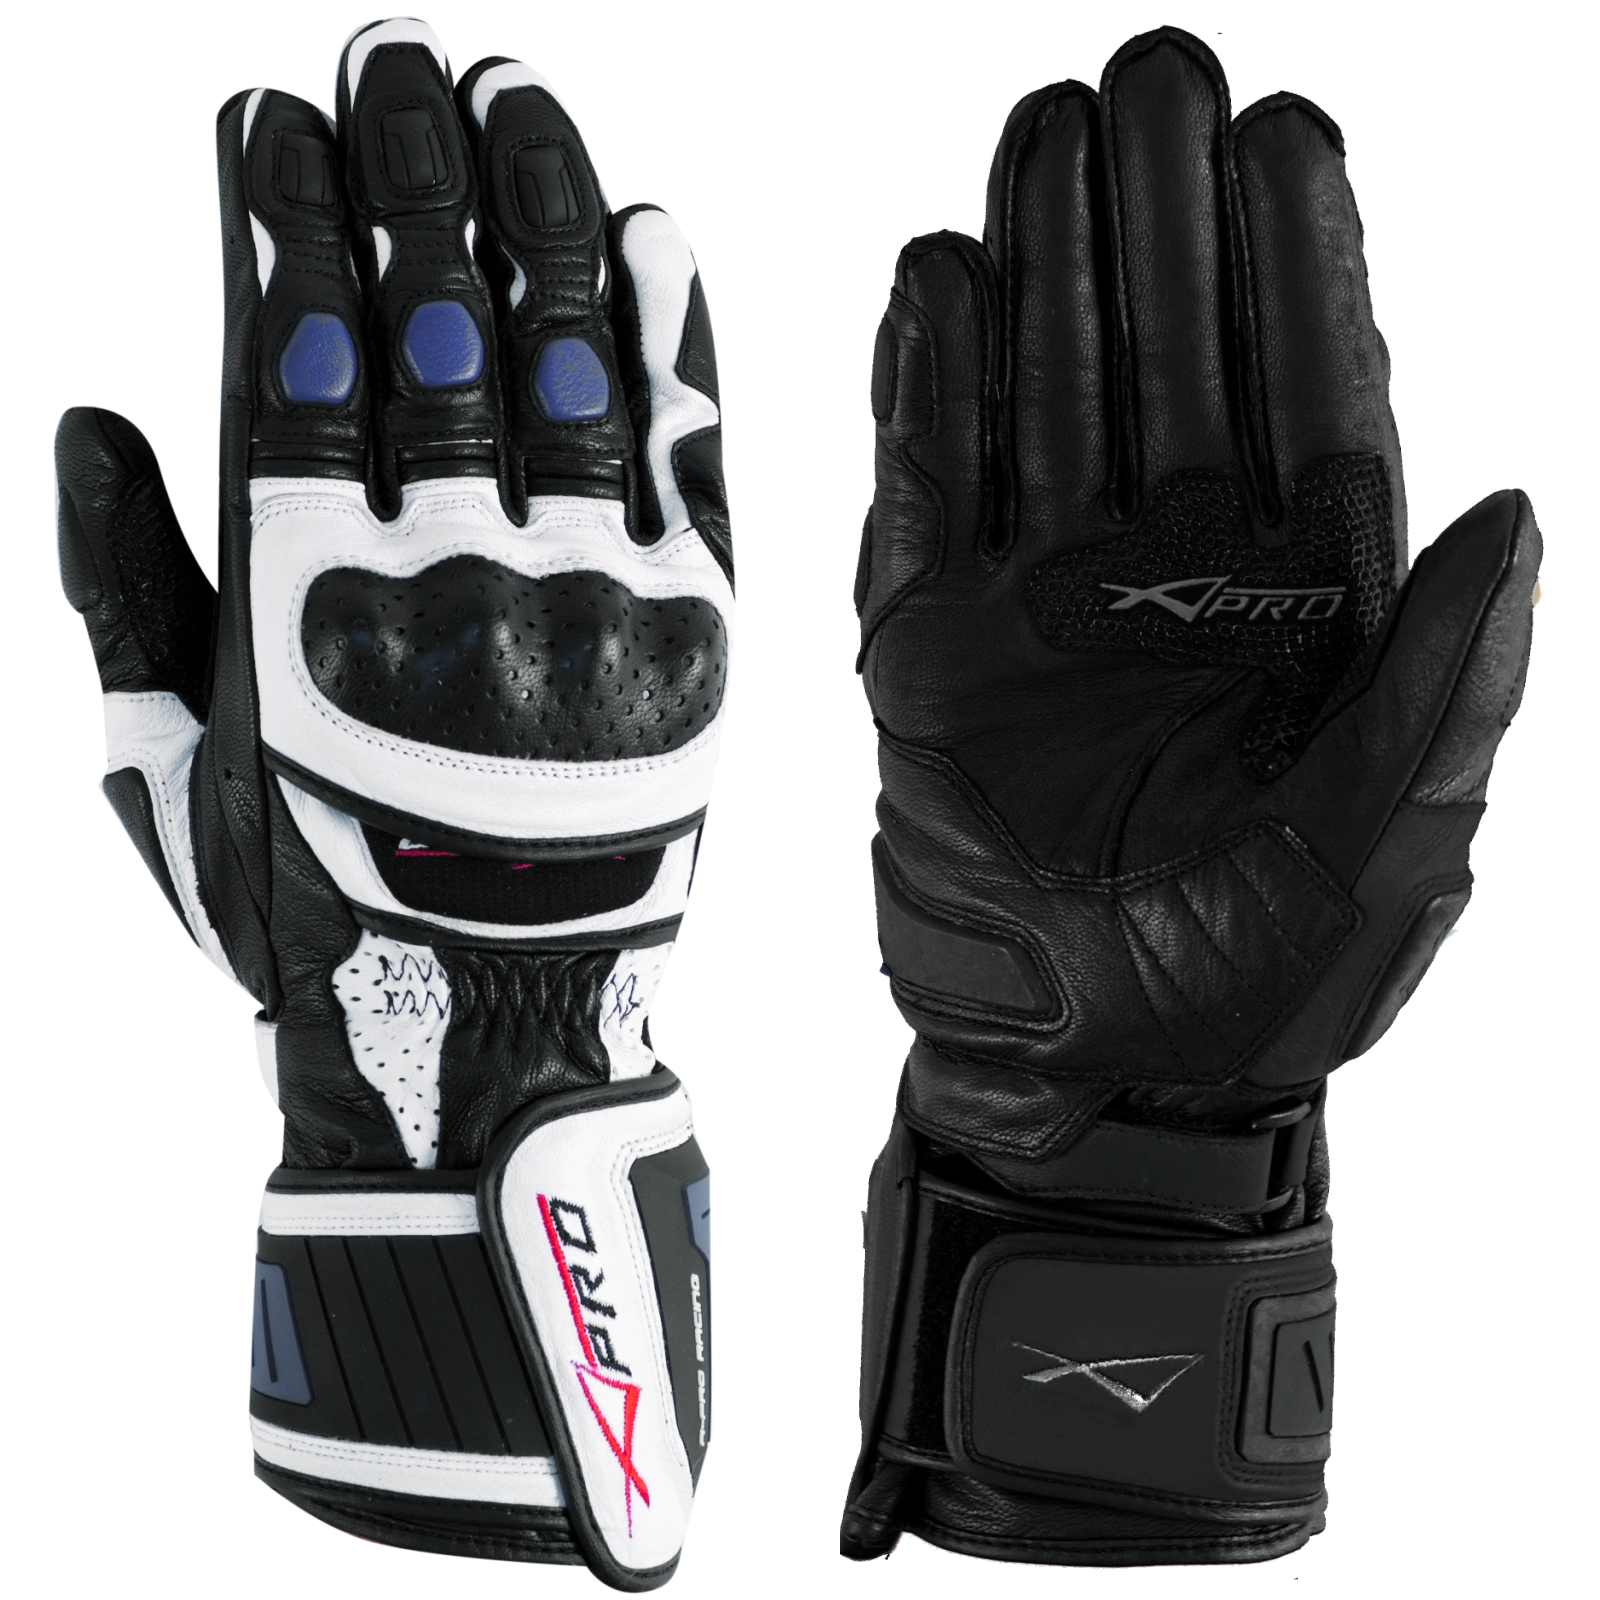 Guanto-Pista-Racing-Sport-Protezioni-Tecnico-Professionali-Pelle-Moto-A-pro